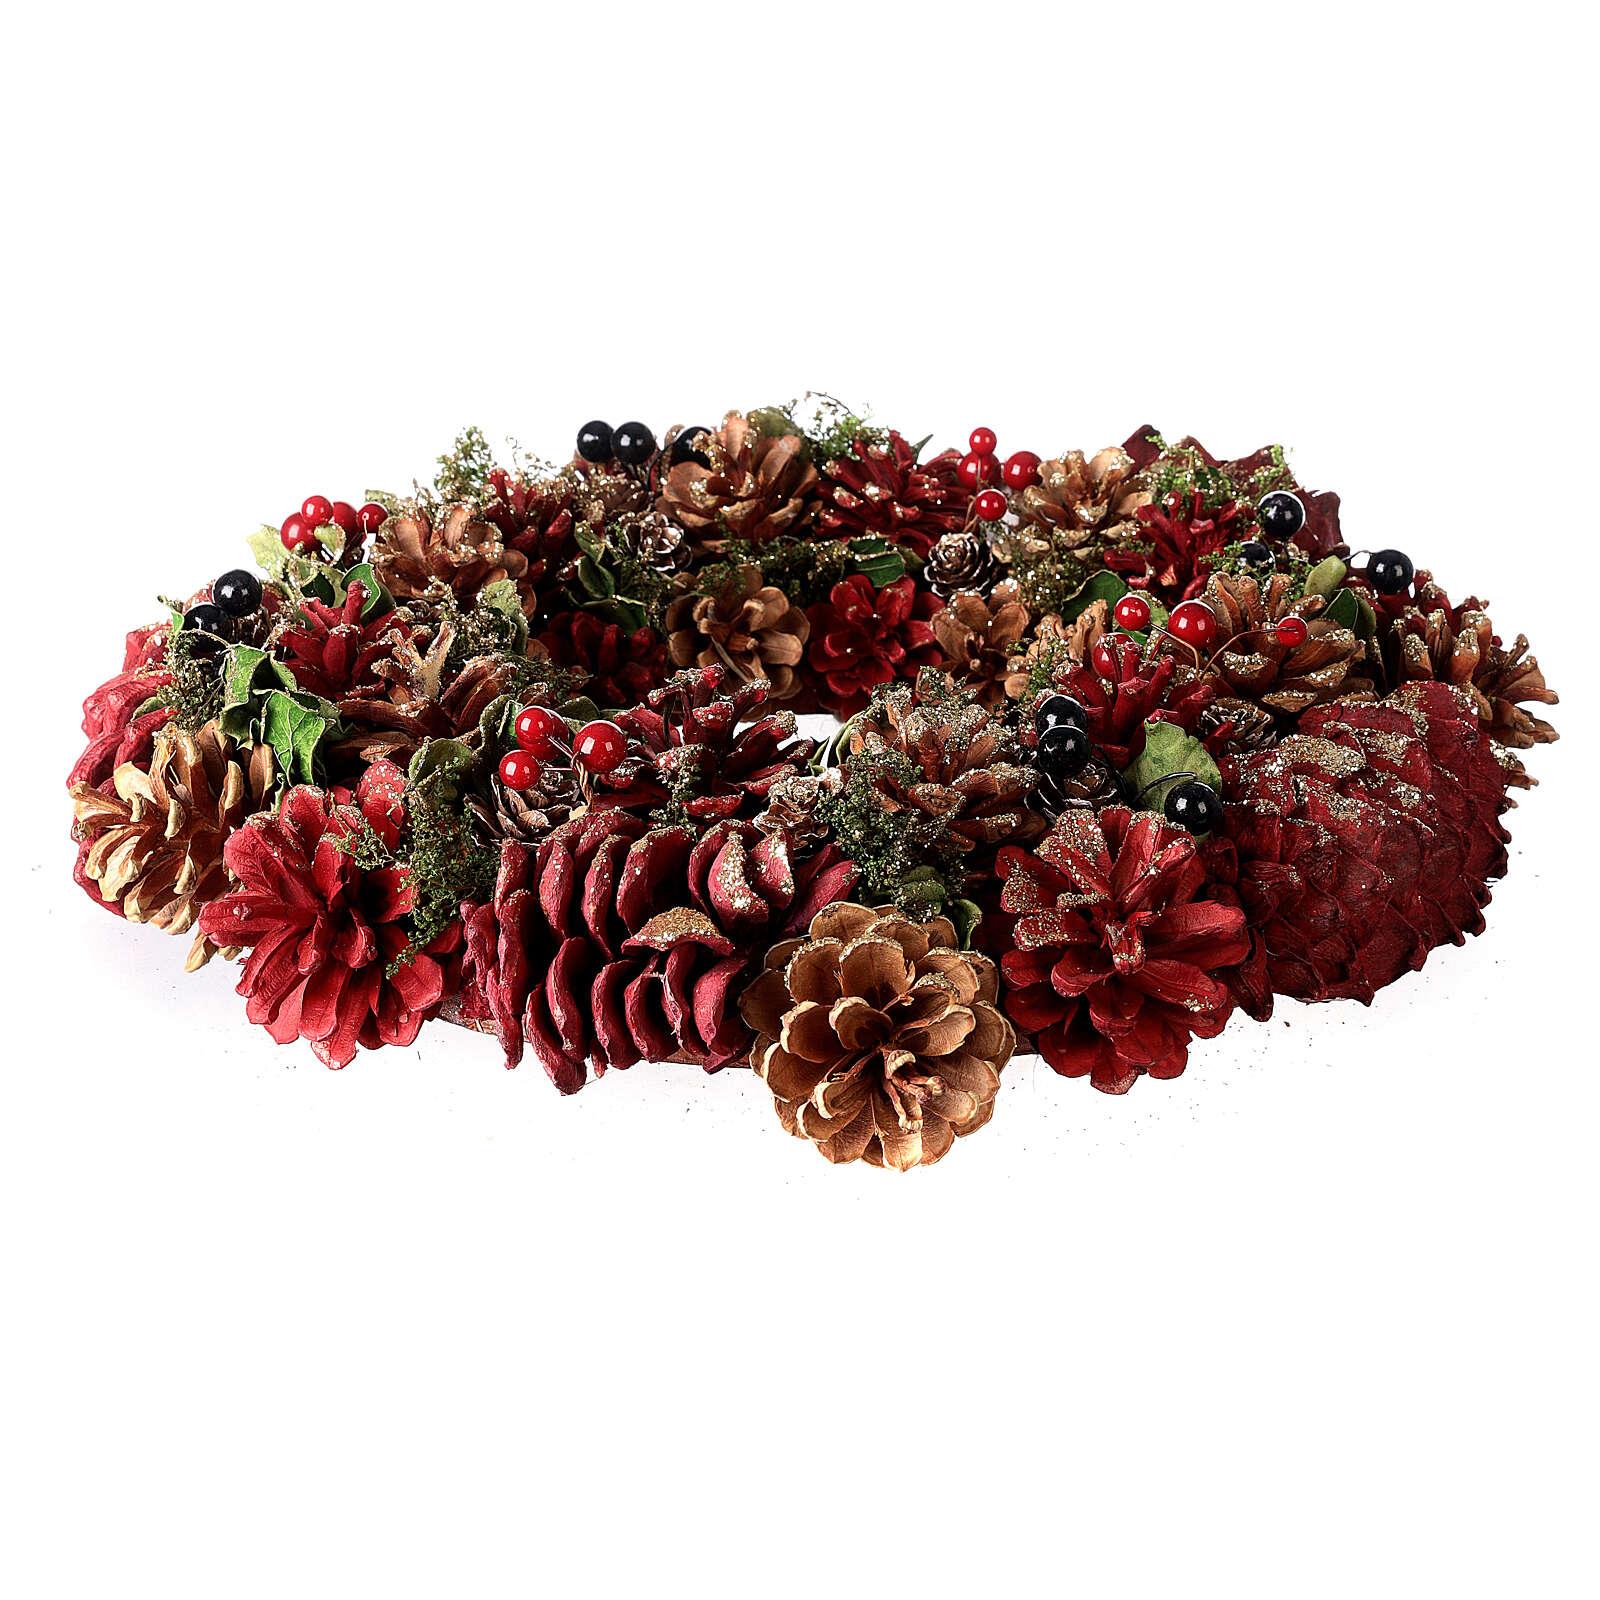 Grinalda de Natal - Coroa do Advento ouro e vermelho com glitter 35 cm 3